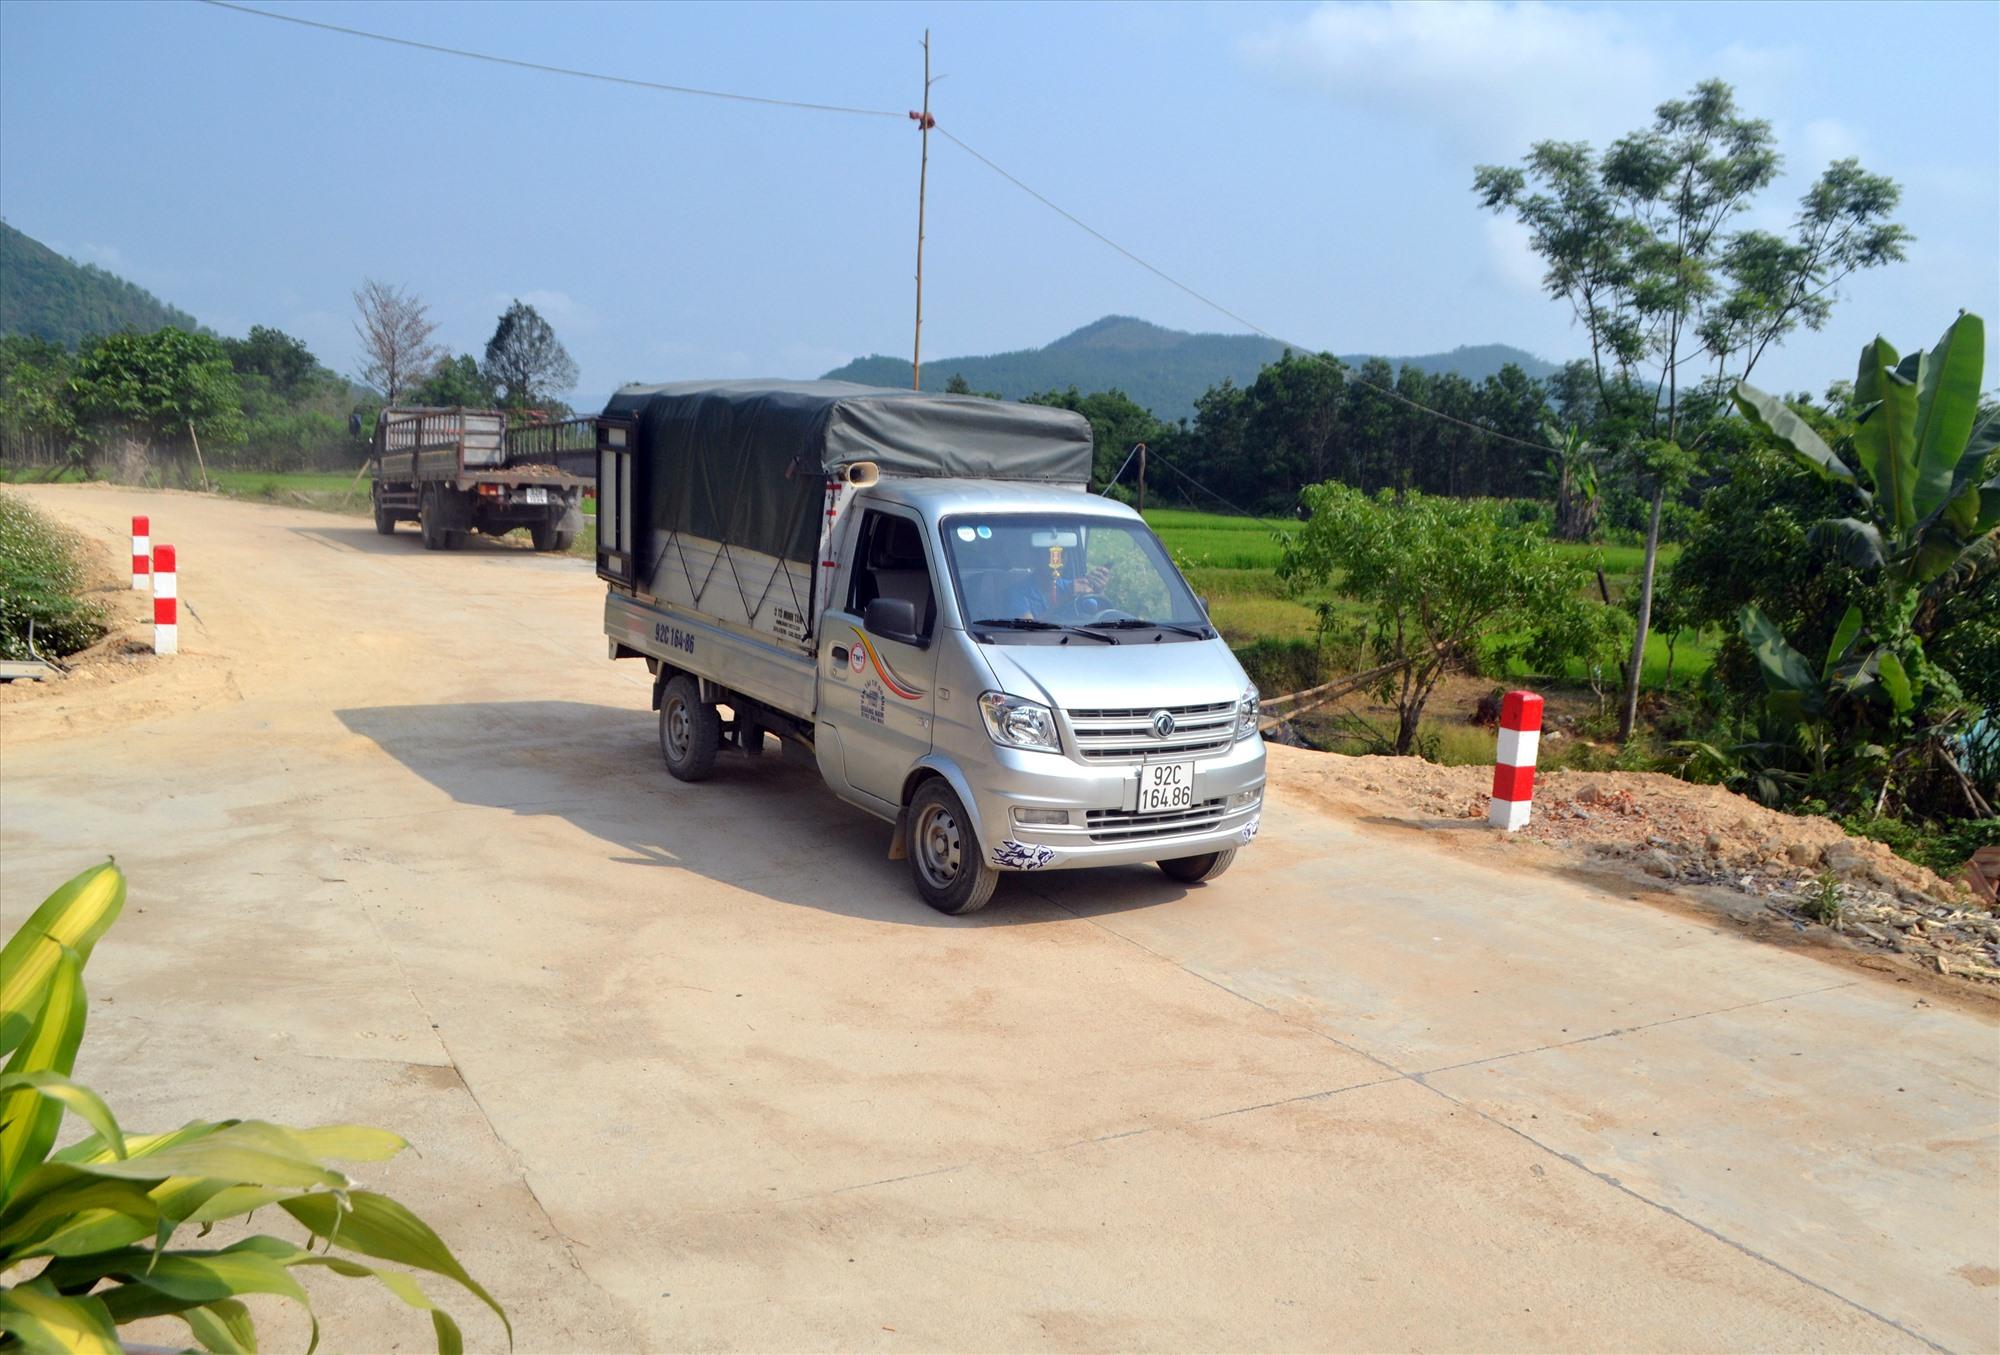 """Đường được mở rộng kiên cố hóa, ô tô chở hàng thực phẩm tươi sống """"di động"""" vào tận thôn Tứ Nhũ để phục vụ người dân. Ảnh: C.T"""